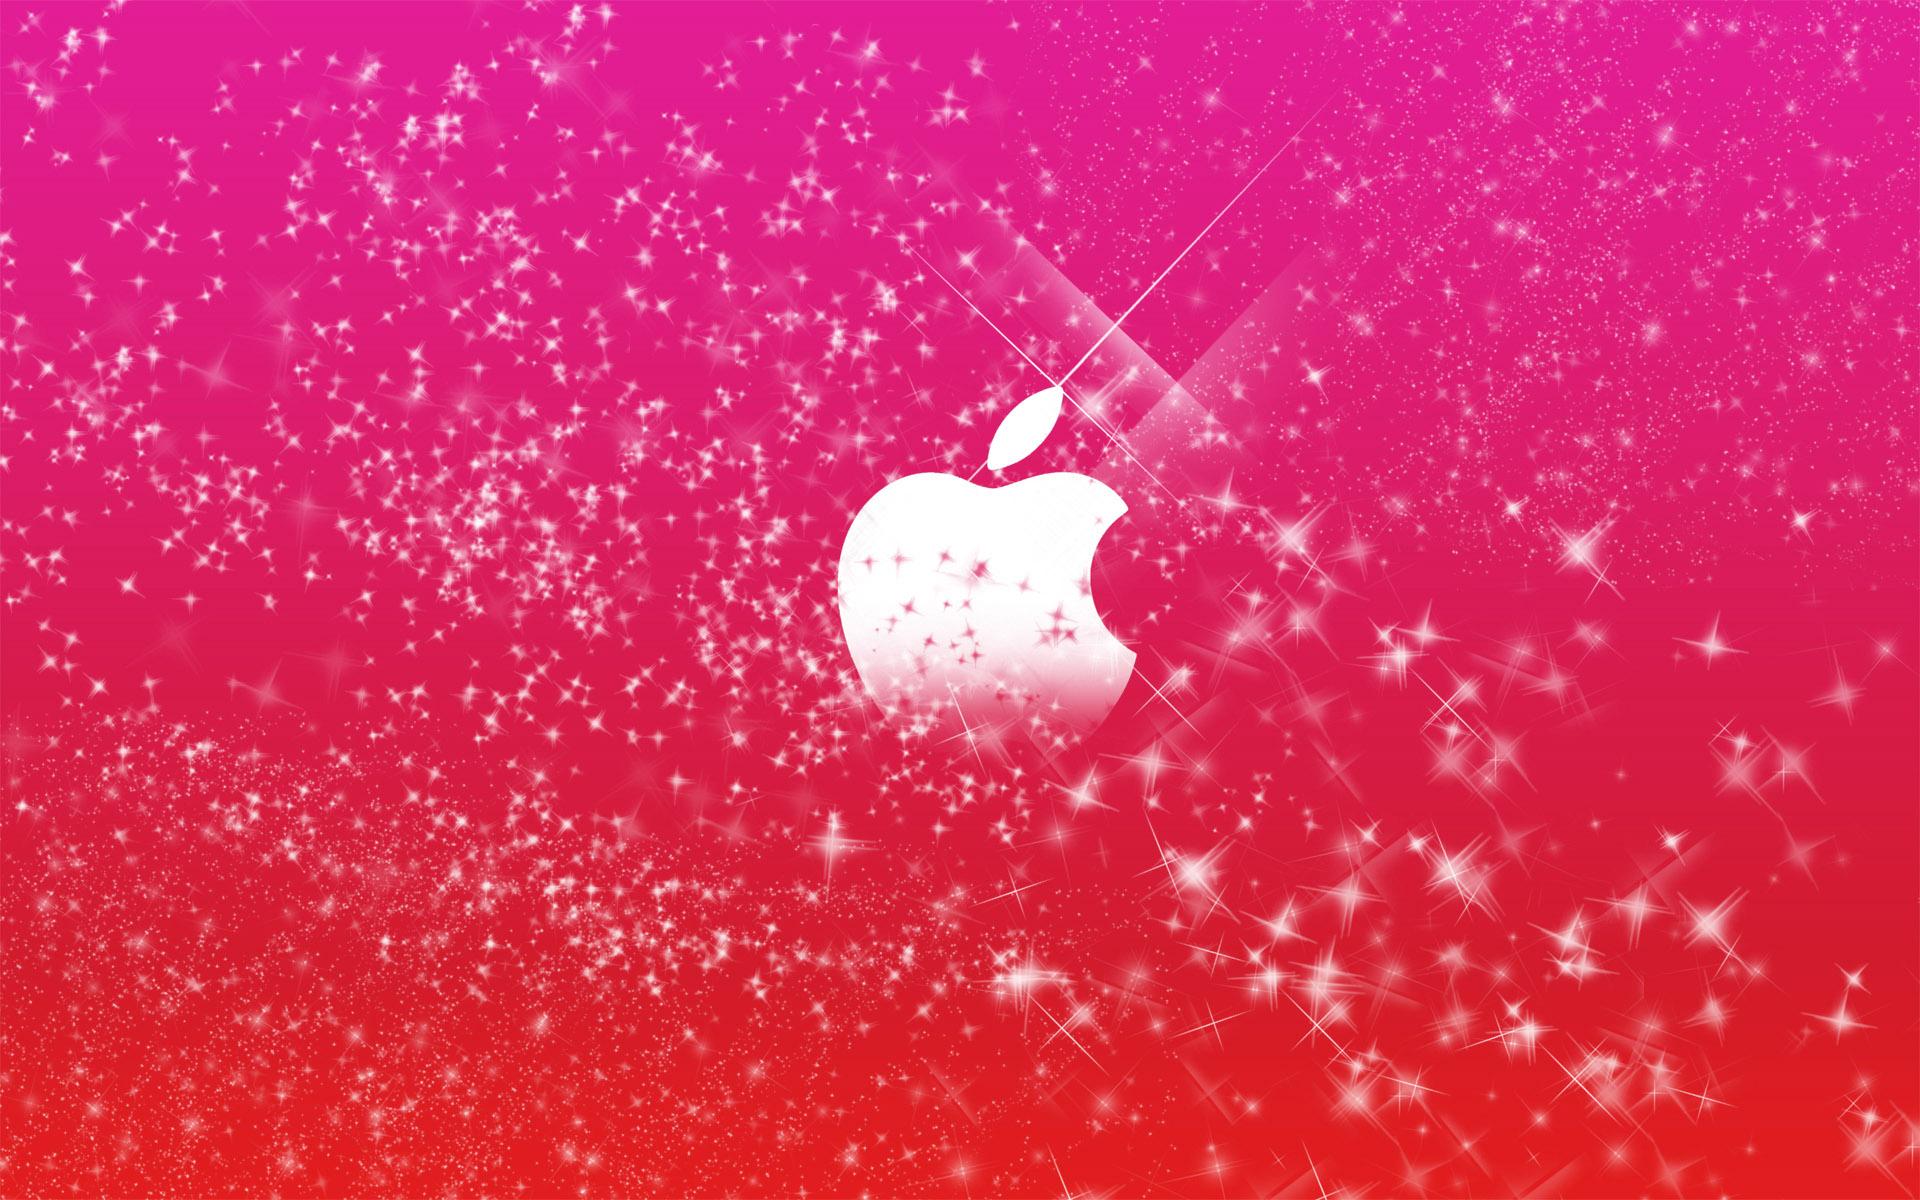 Apple%20Logo%20in%20Pink%20Glitters62100370